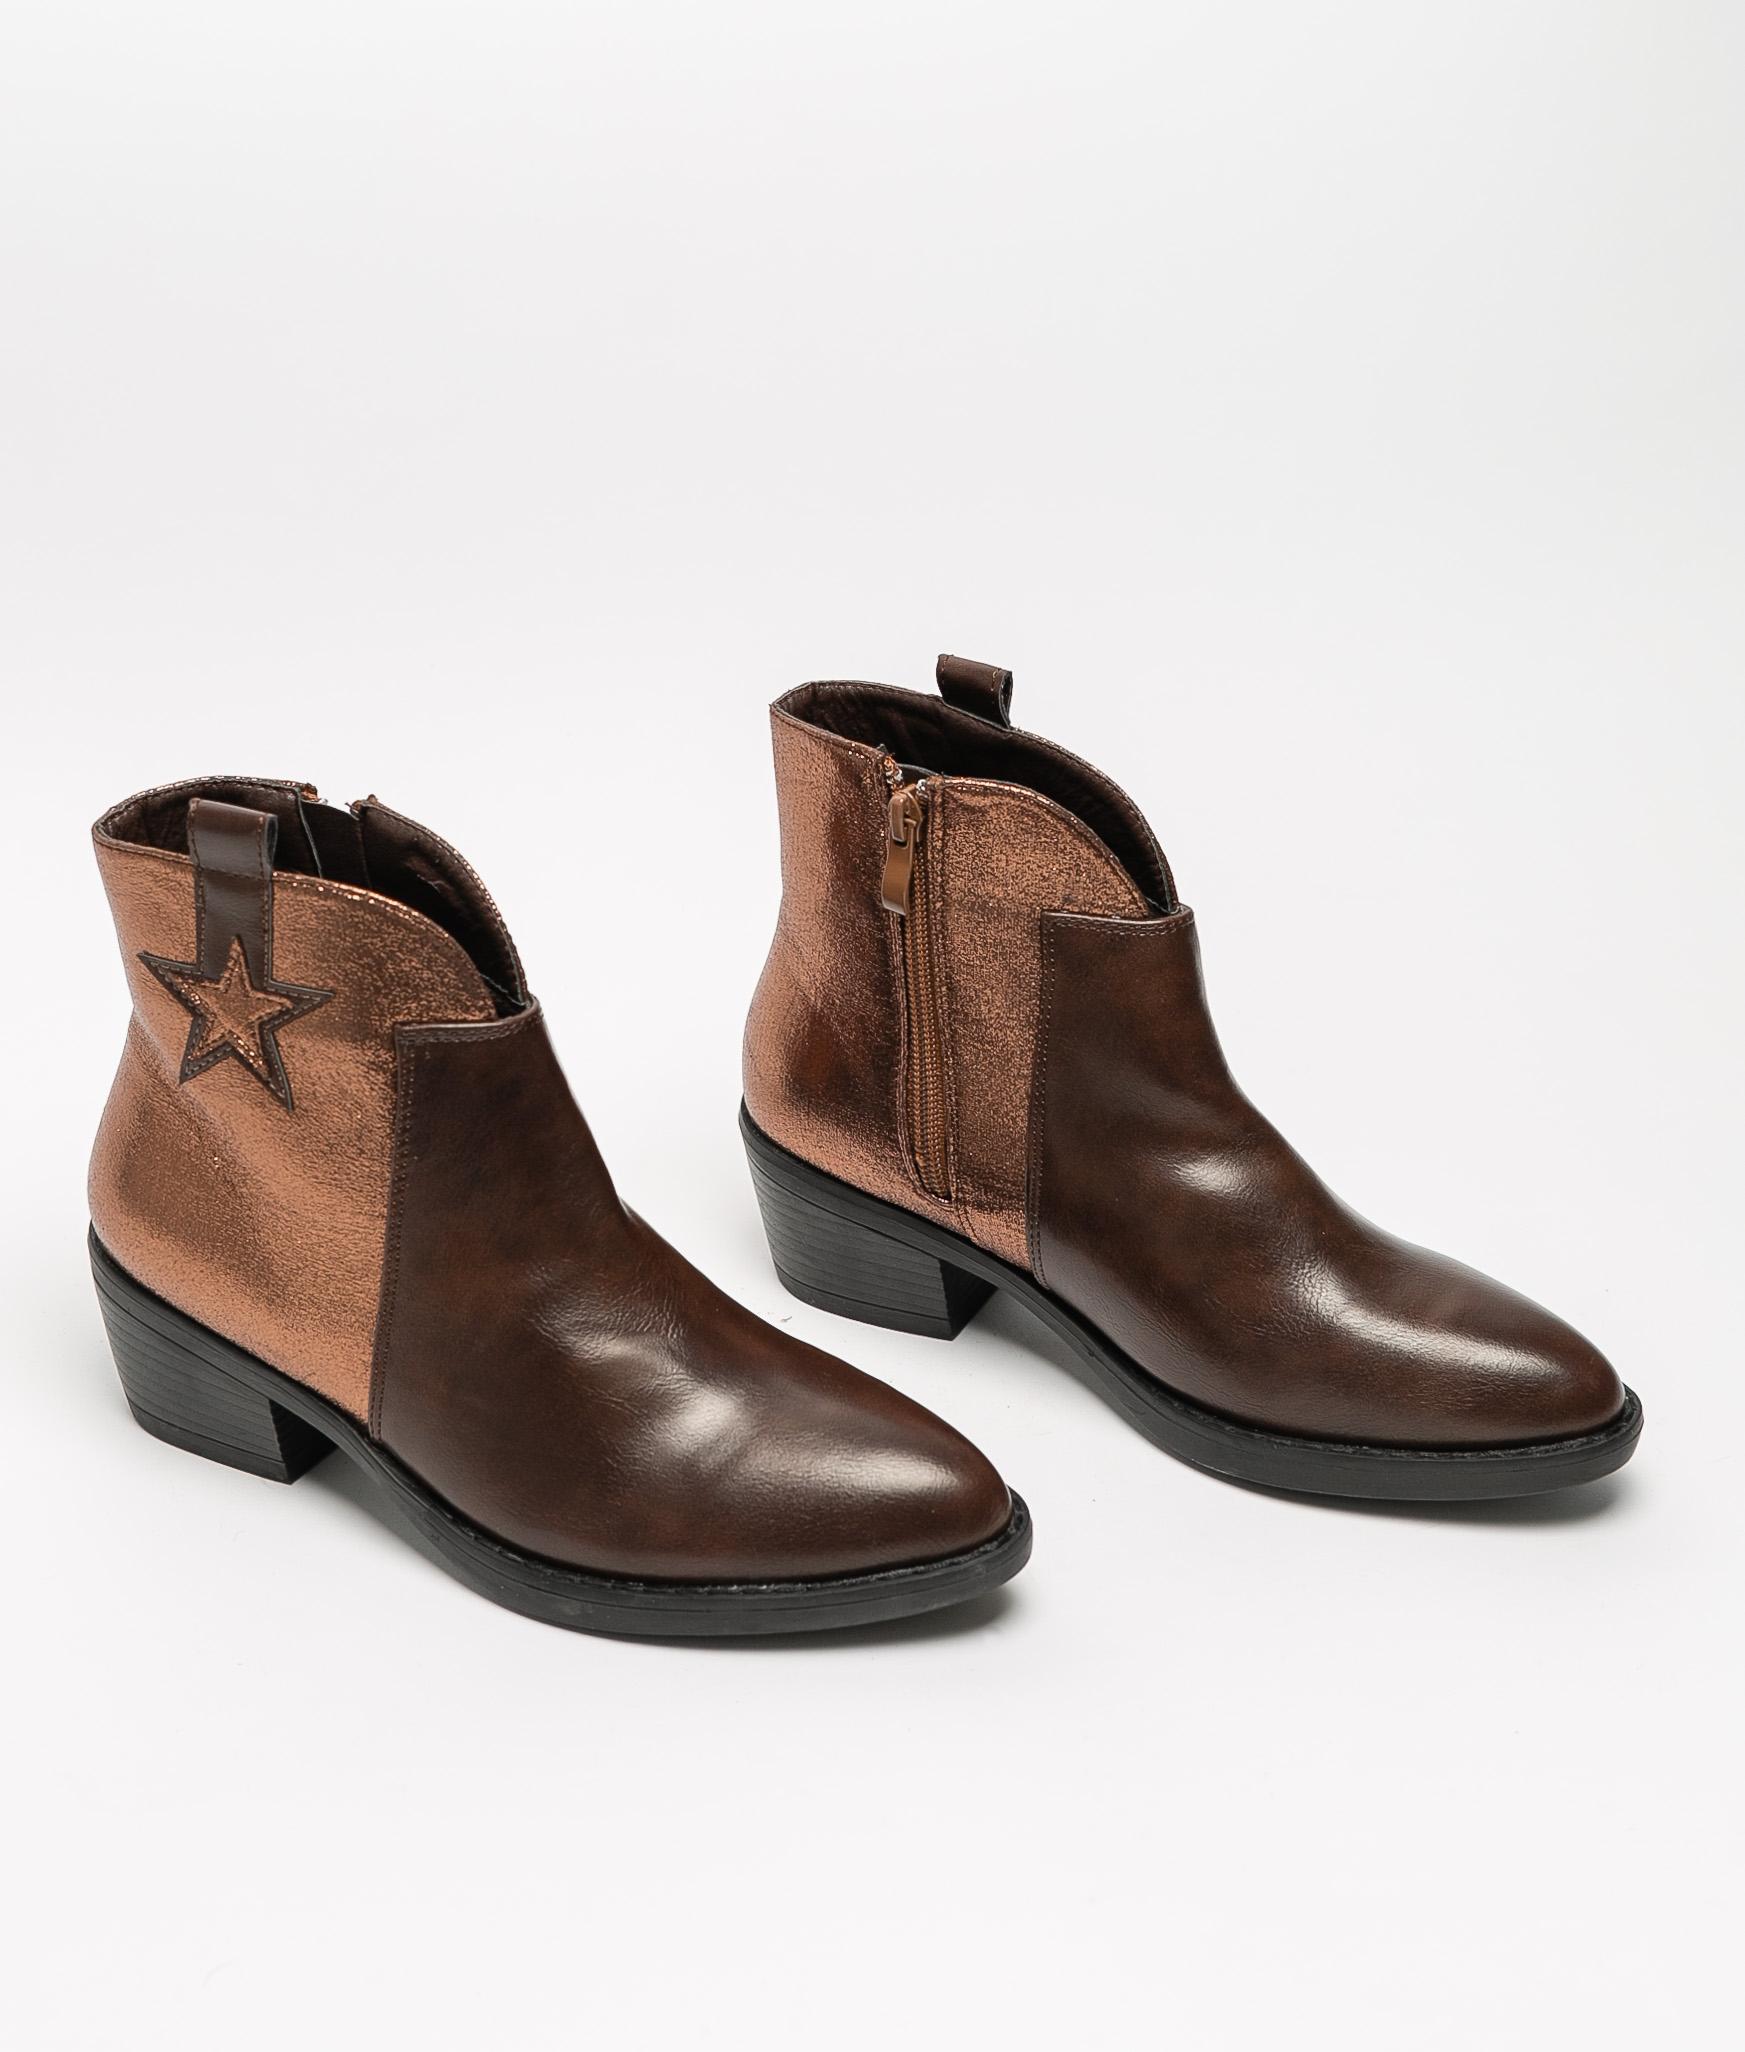 Low Boot Kunik - Brown